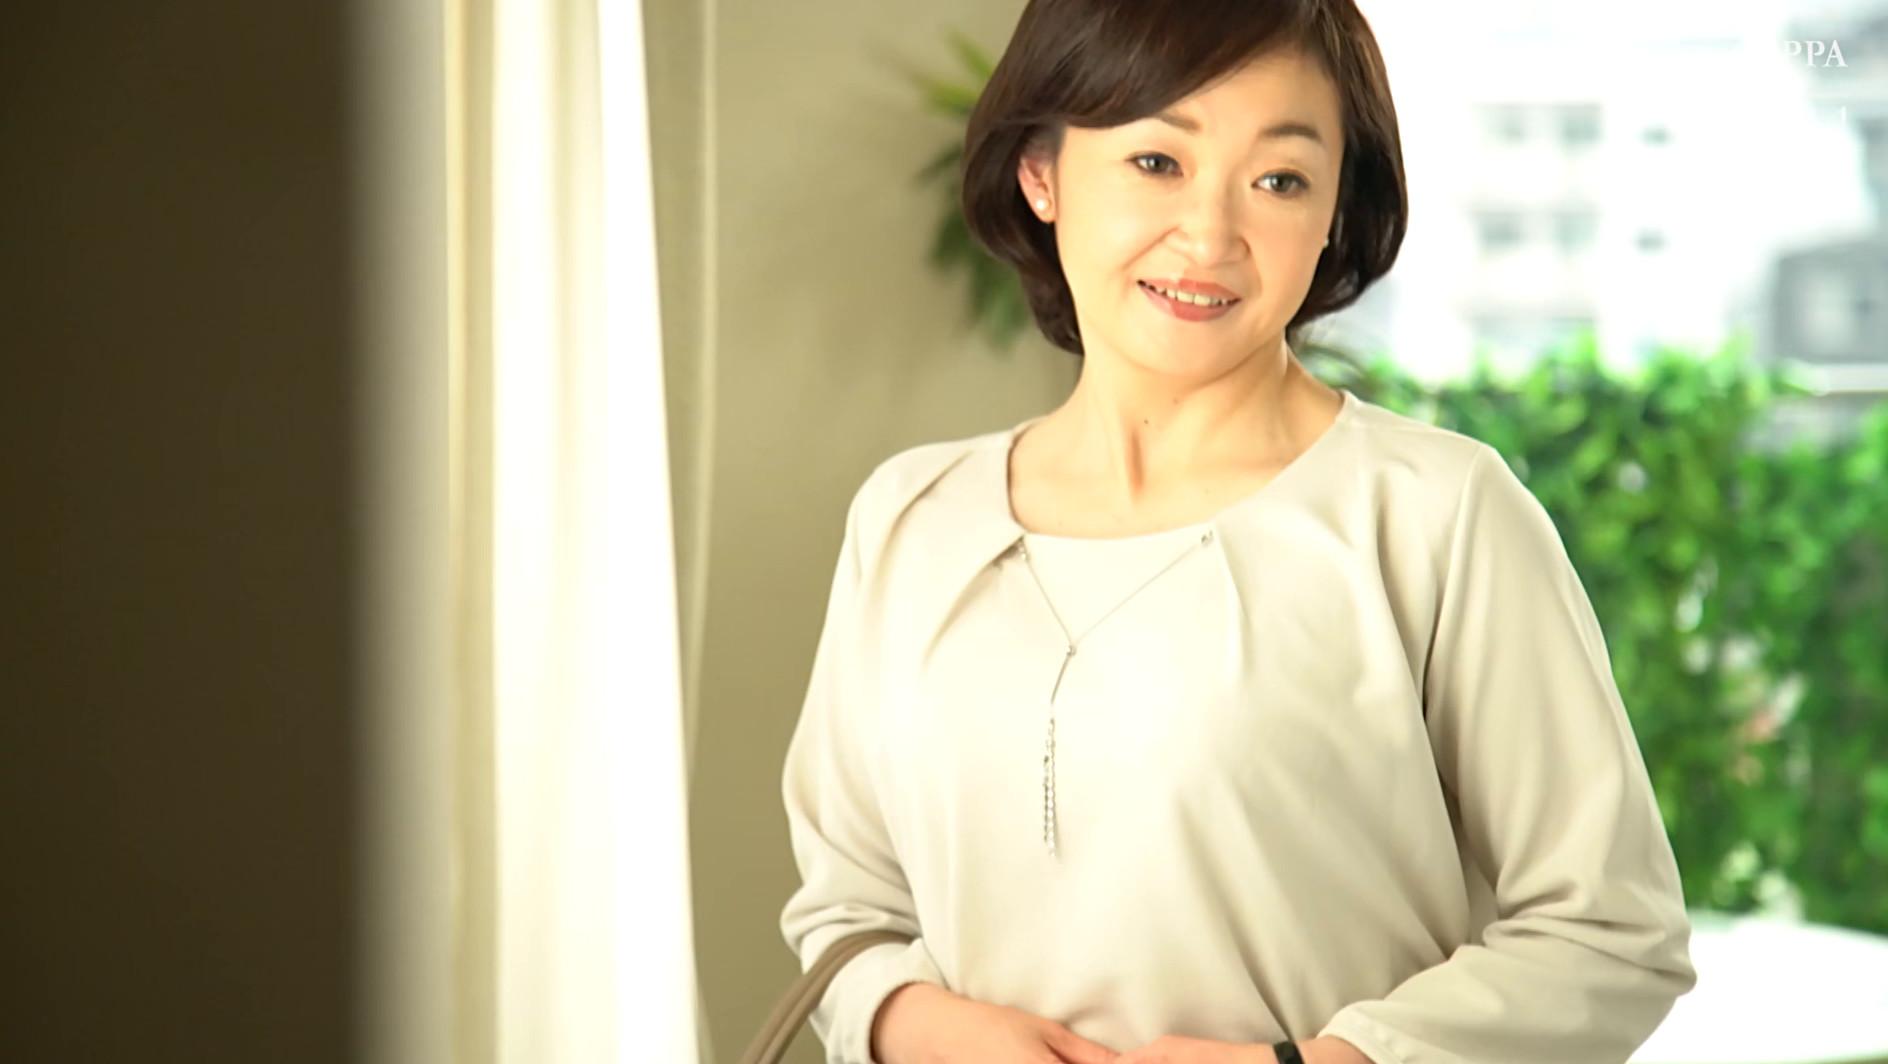 初撮り五十路妻ドキュメント 板垣慶子 五十四歳 画像1